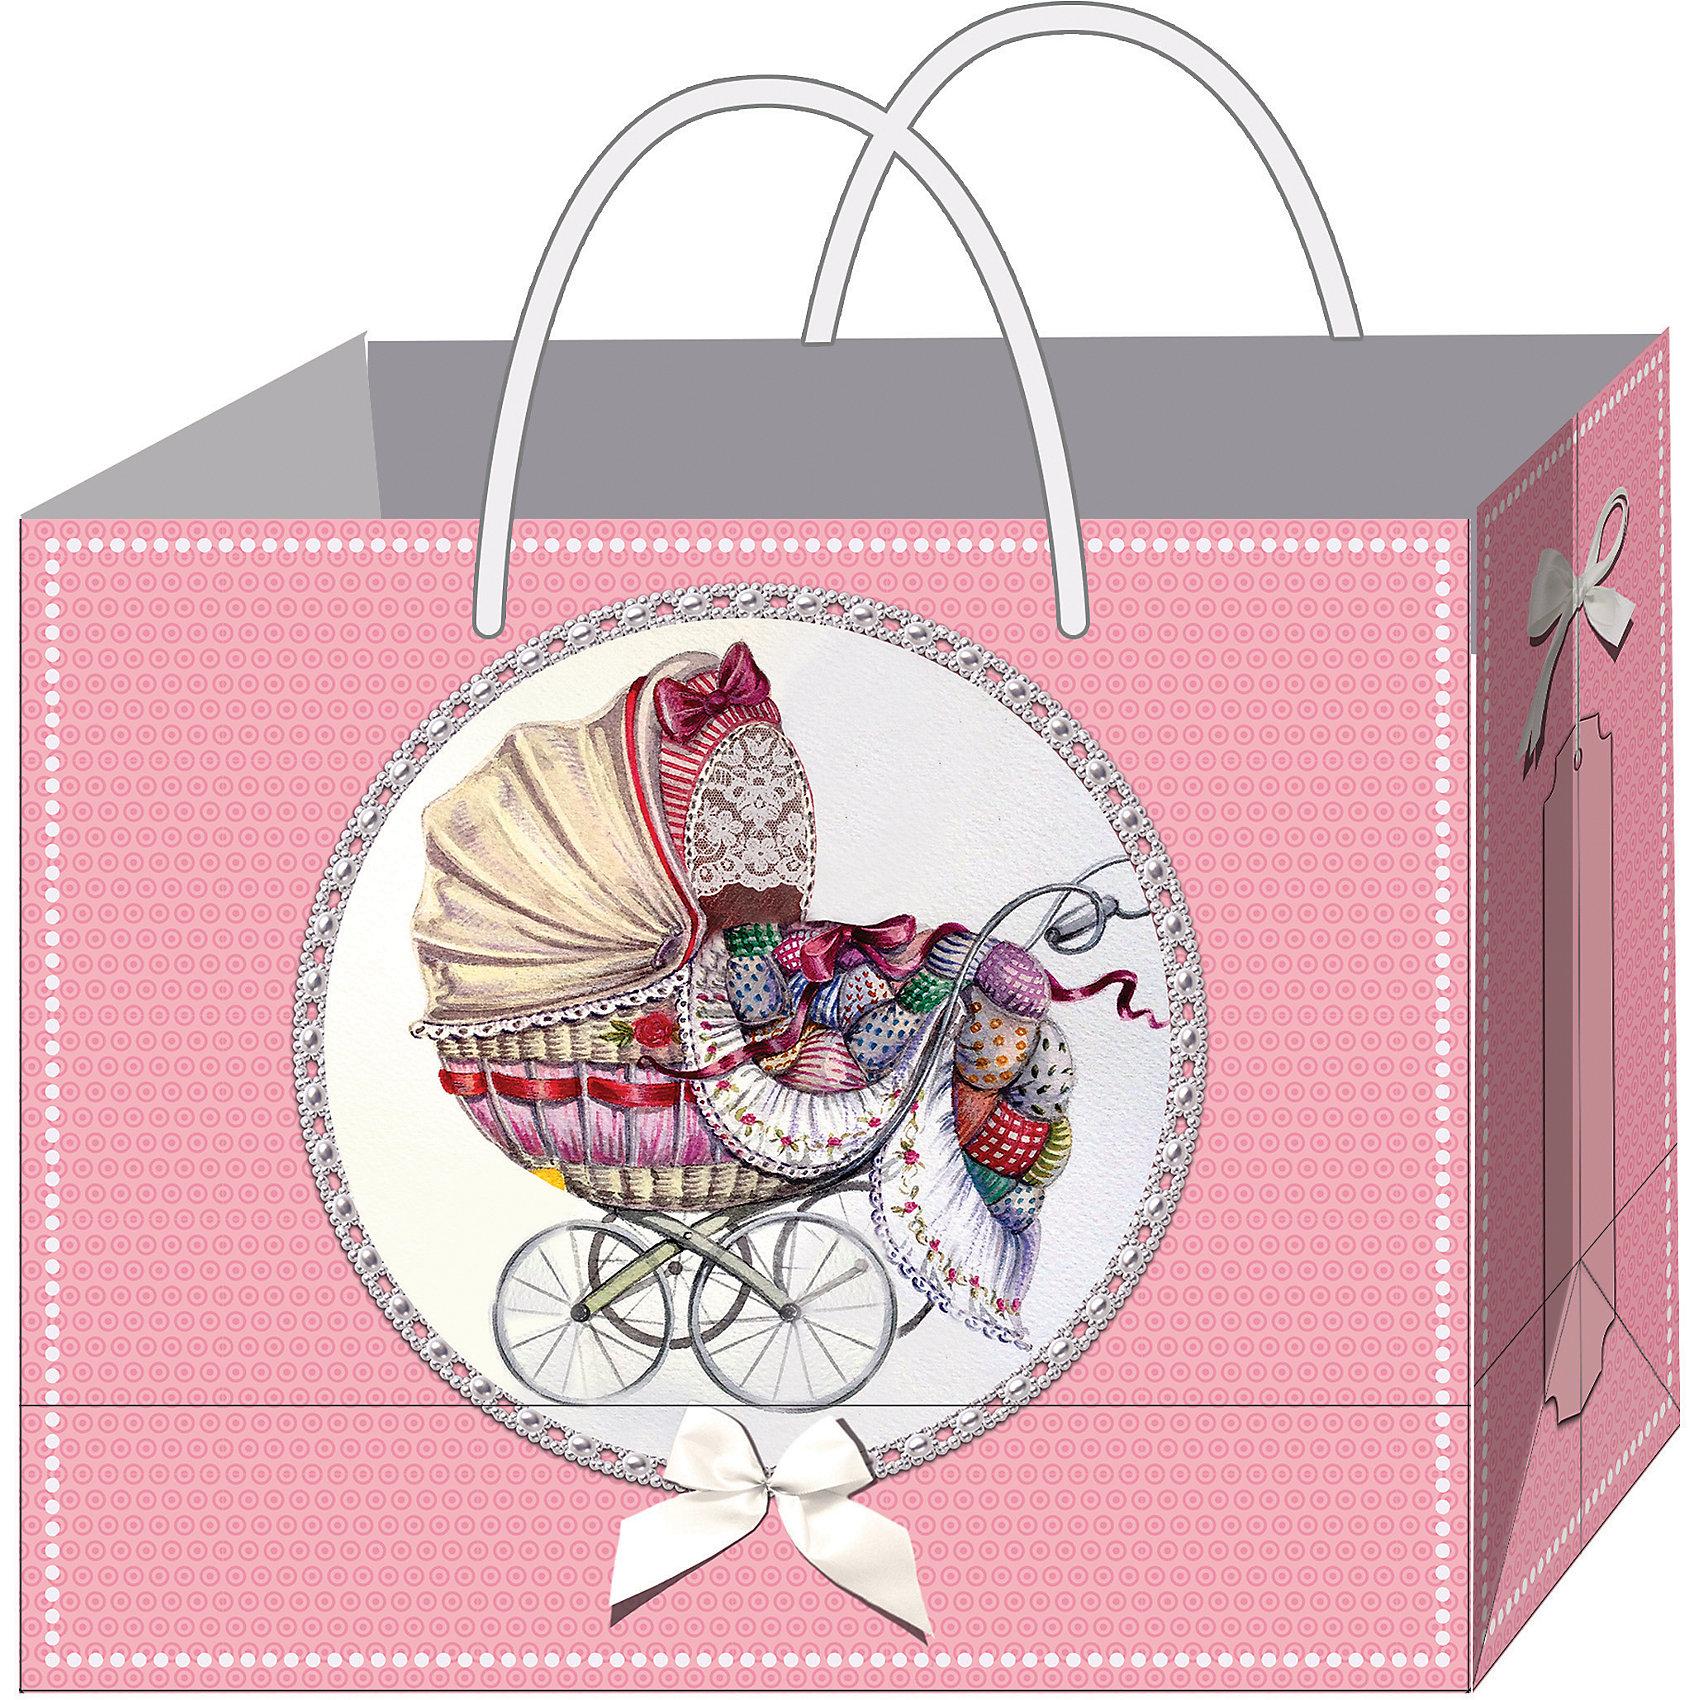 Подарочный пакет Ретро-коляска 40,6*16*33 смКрасиво упакованный подарок приятно получать вдвойне! Прочный красивый бумажный пакет станет прекрасным дополнением к подарку.<br><br>Дополнительная информация:<br><br>- Материал: бумага (плотность бумаги 250 г/м2).<br>- Размер: 40,6х16х33 cм.<br>- Ширина основания: 40,6 см.<br>- Эффект: ламинация.<br><br>Подарочный пакет Ретро-коляска 40,6х16х33 см, можно купить в нашем магазине.<br><br>Ширина мм: 406<br>Глубина мм: 160<br>Высота мм: 330<br>Вес г: 100<br>Возраст от месяцев: 36<br>Возраст до месяцев: 2147483647<br>Пол: Женский<br>Возраст: Детский<br>SKU: 4548404